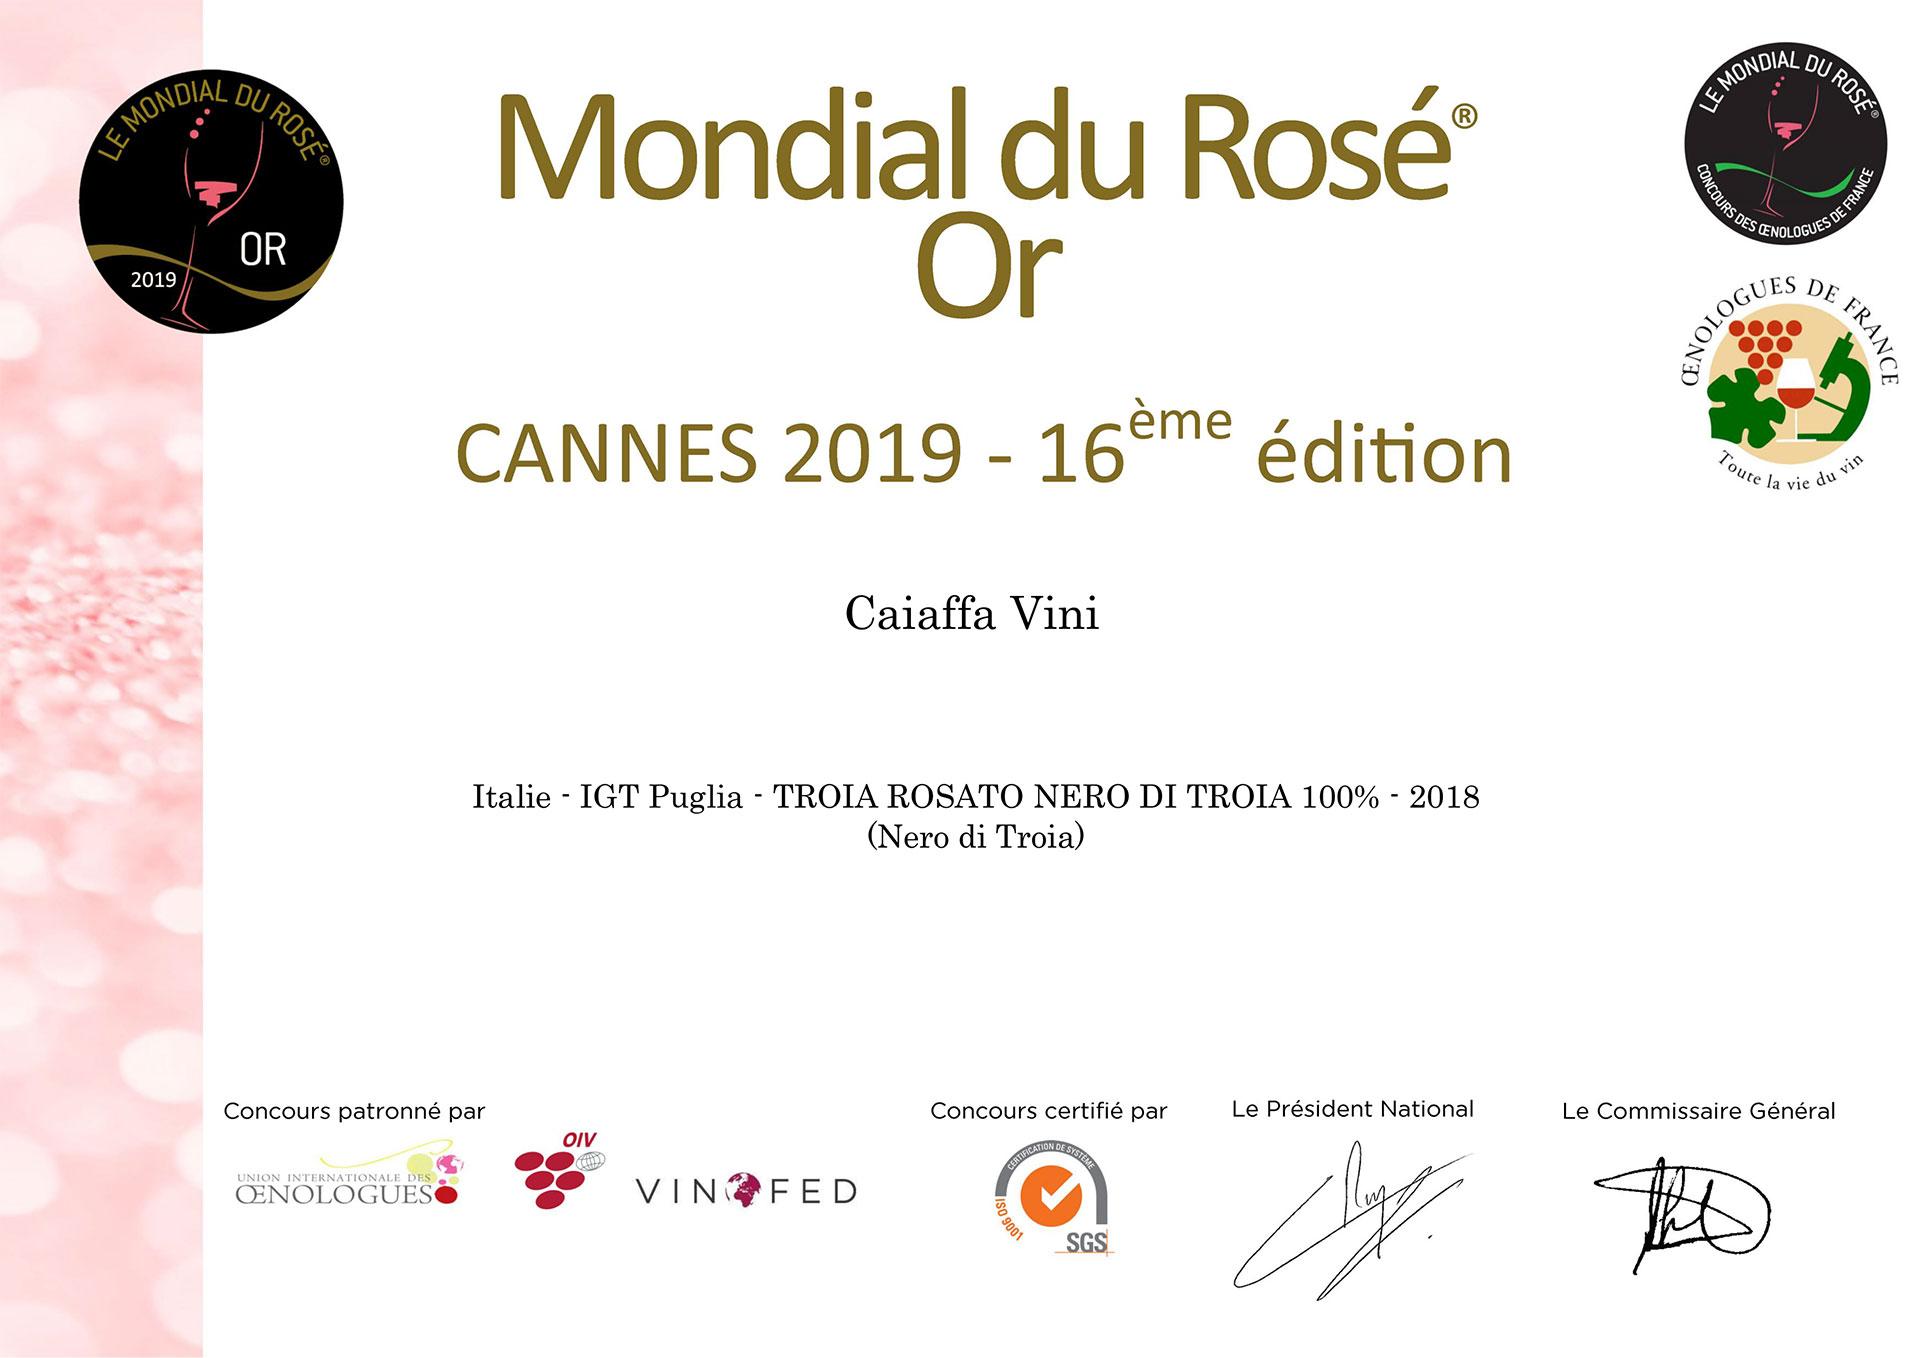 Diplome-Mondial-du-Rosé®-2019